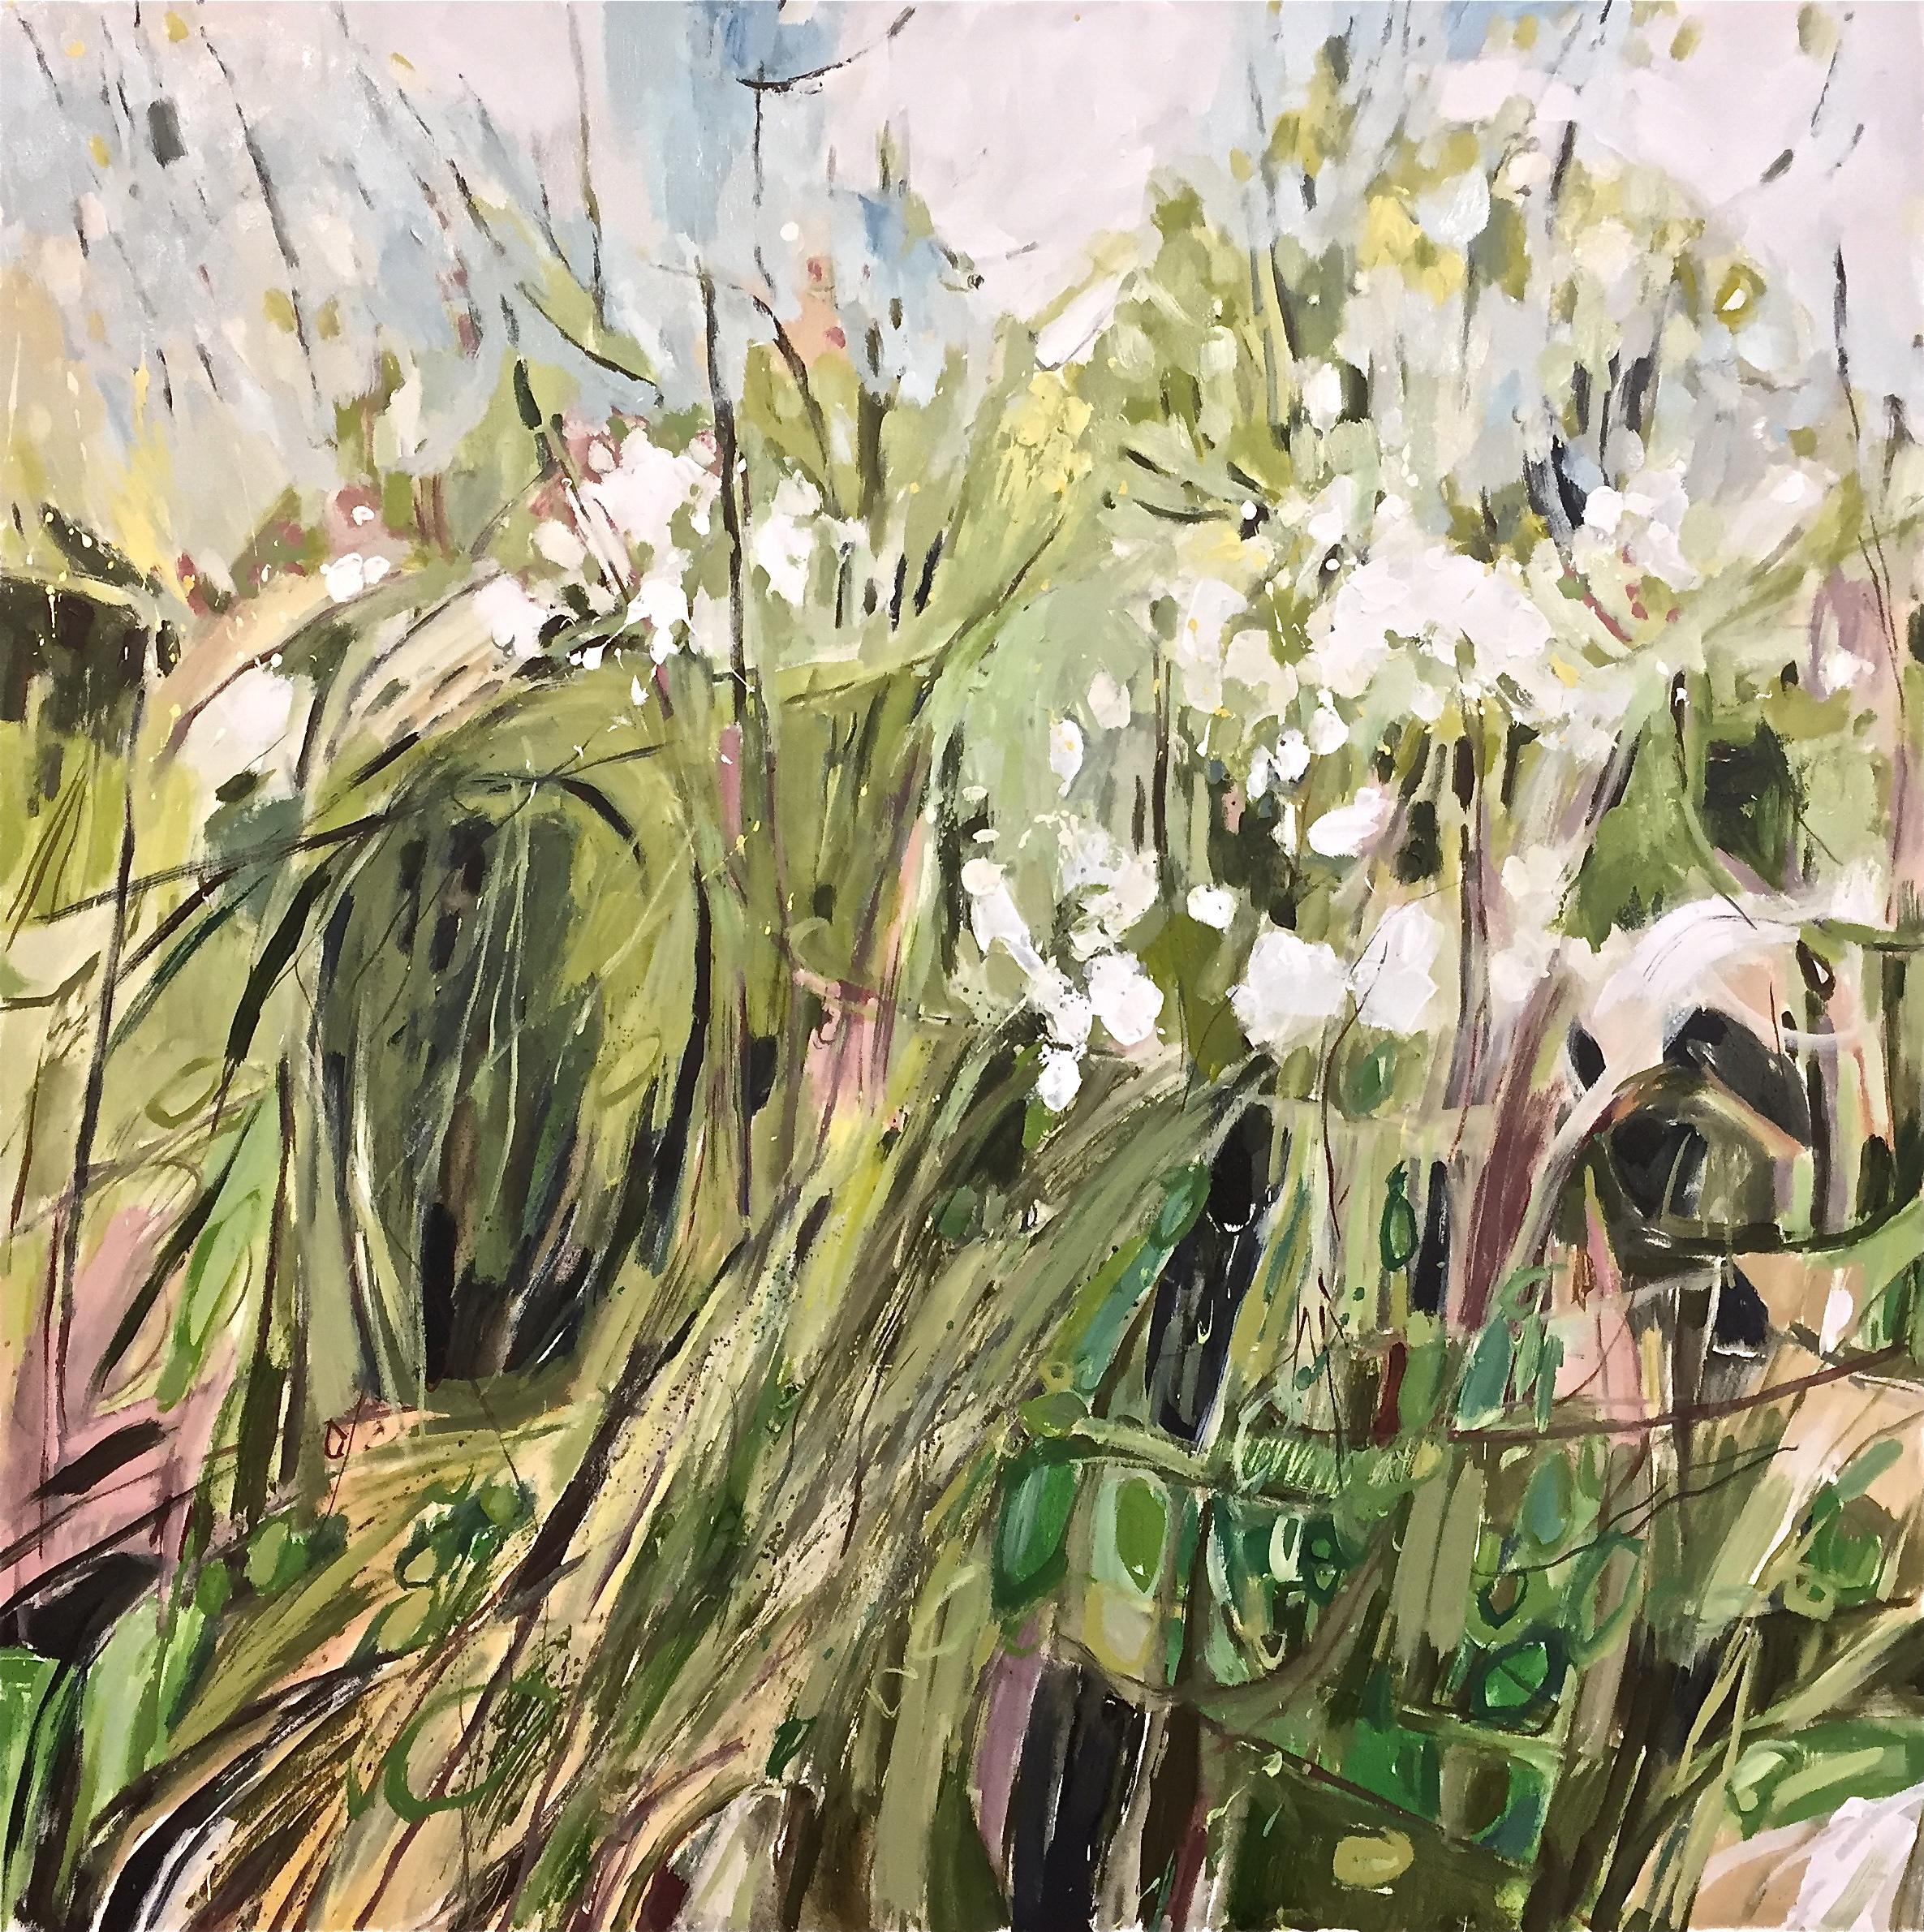 Blackthorn Hedgerow Gunthorpe, triptych 2